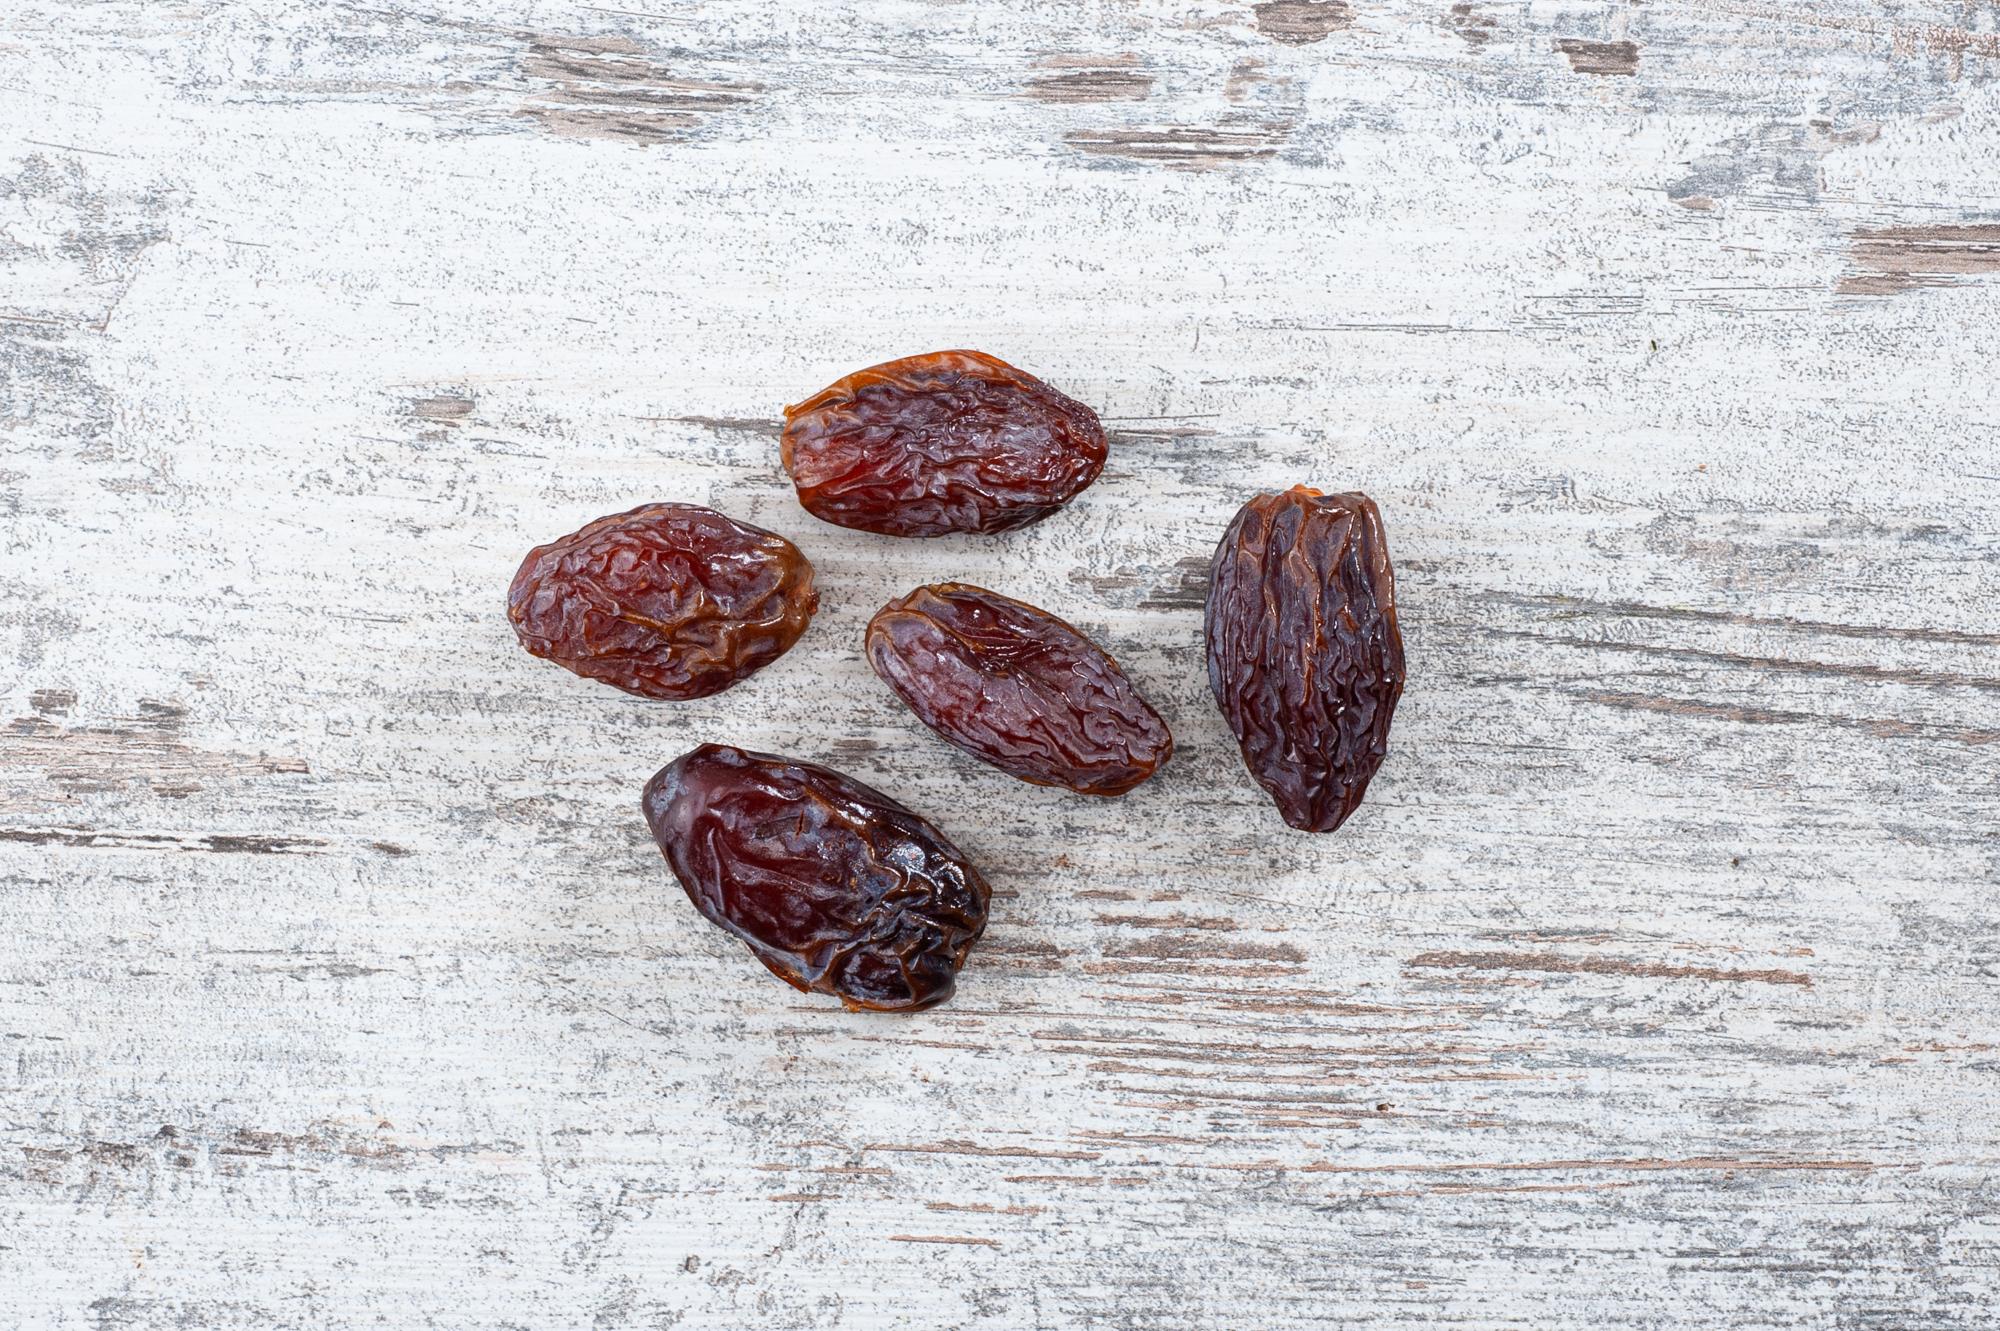 mejdool dates